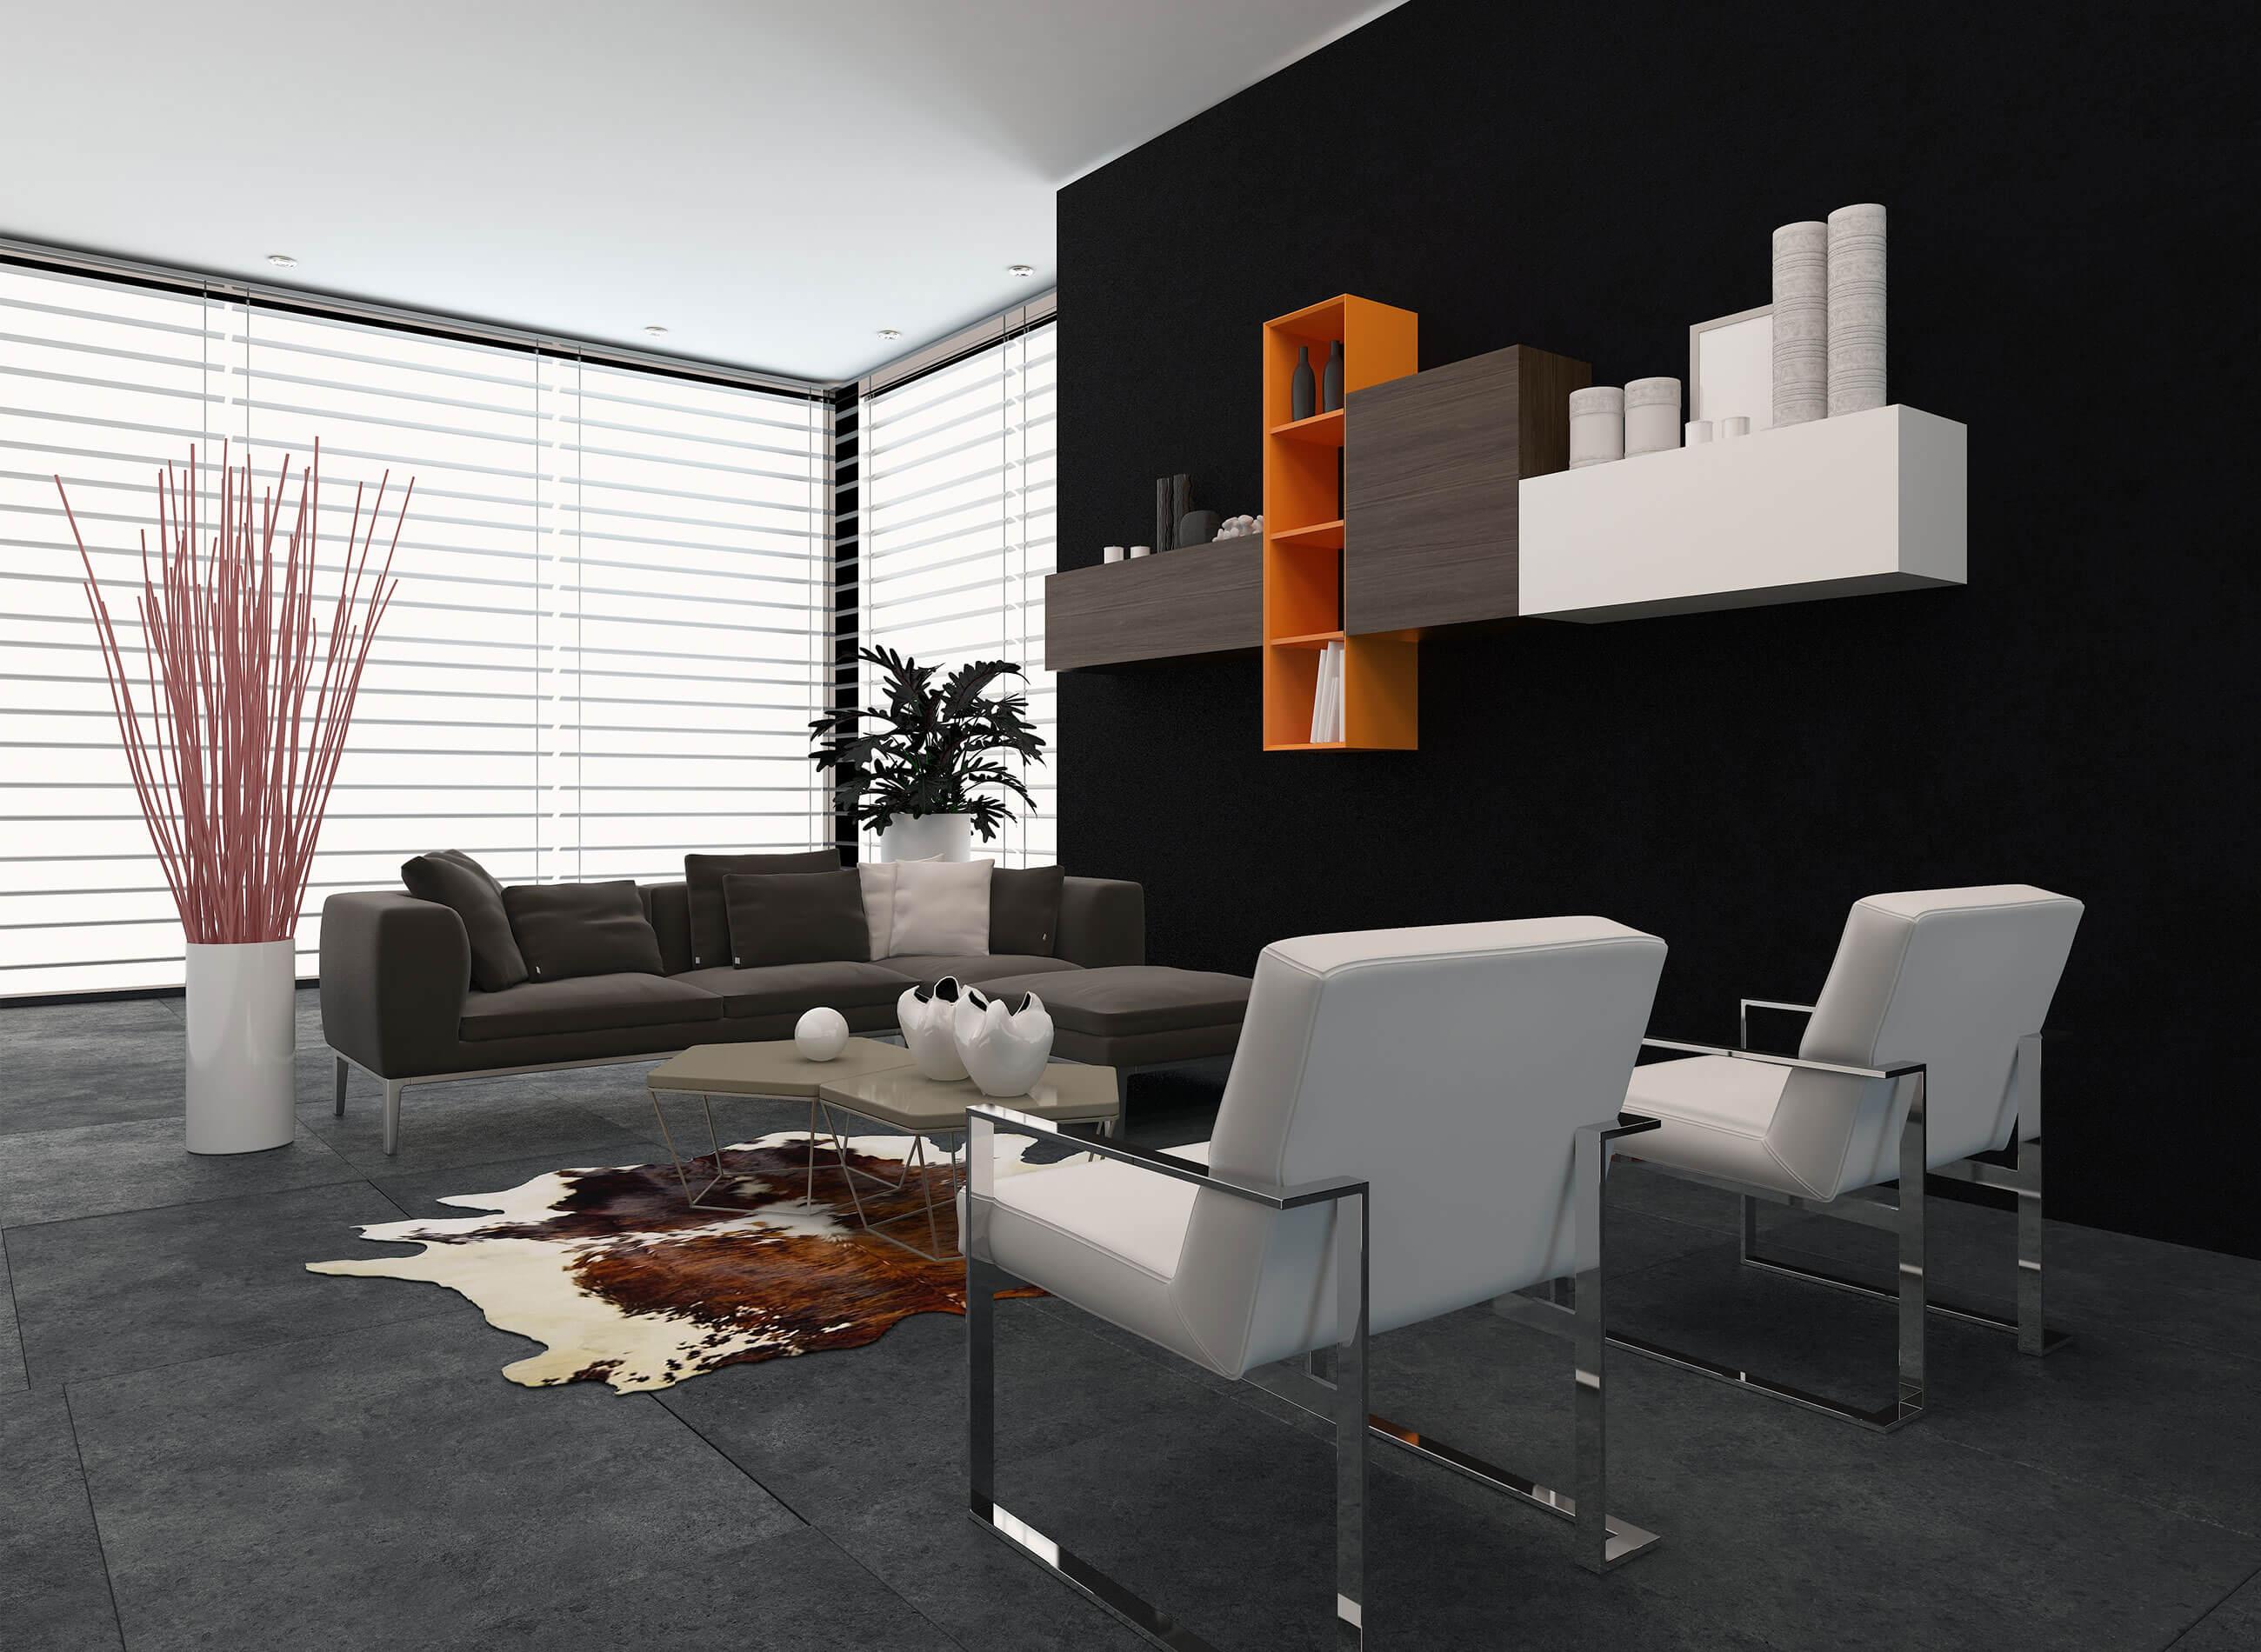 peintre en b timent amiens devis travaux peinture somme 80. Black Bedroom Furniture Sets. Home Design Ideas